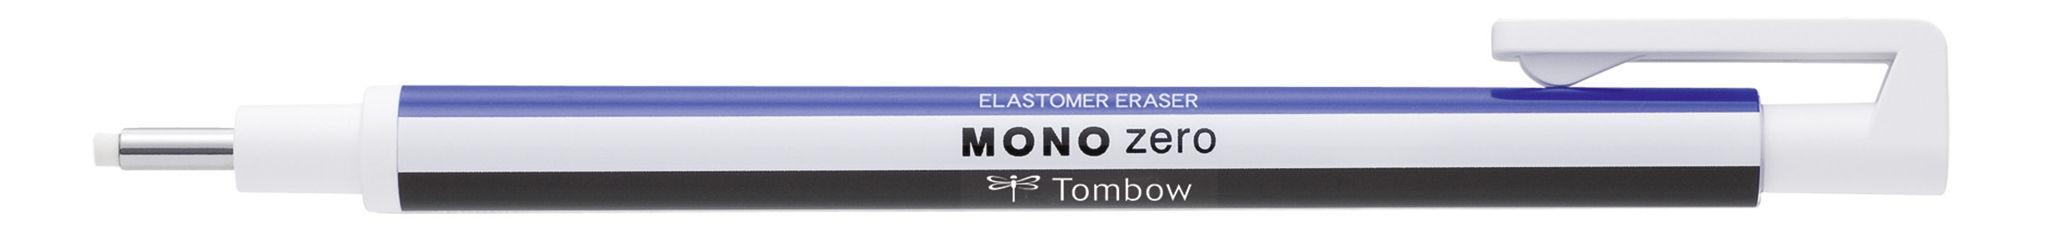 Eraser MONO zero round tip 23mm